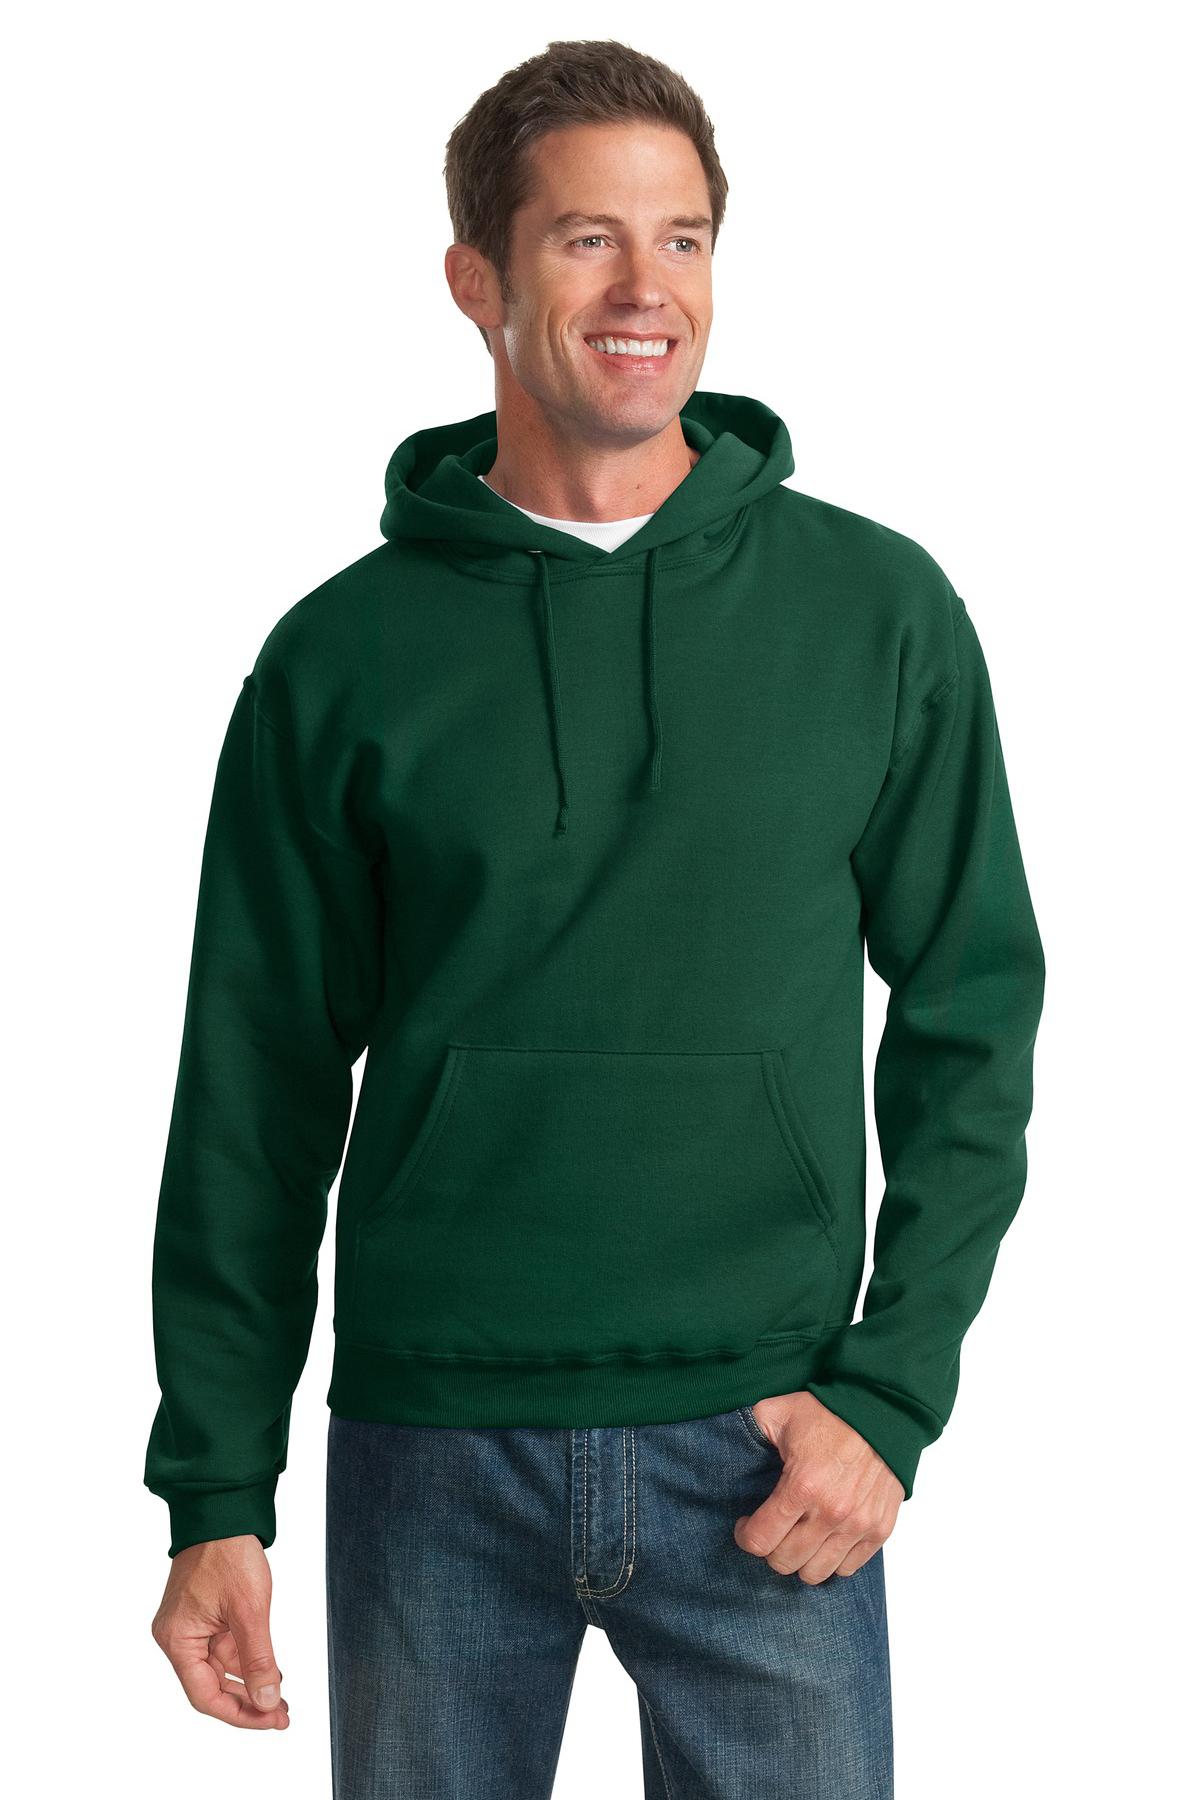 Sweatshirts-Fleece-Hooded-1